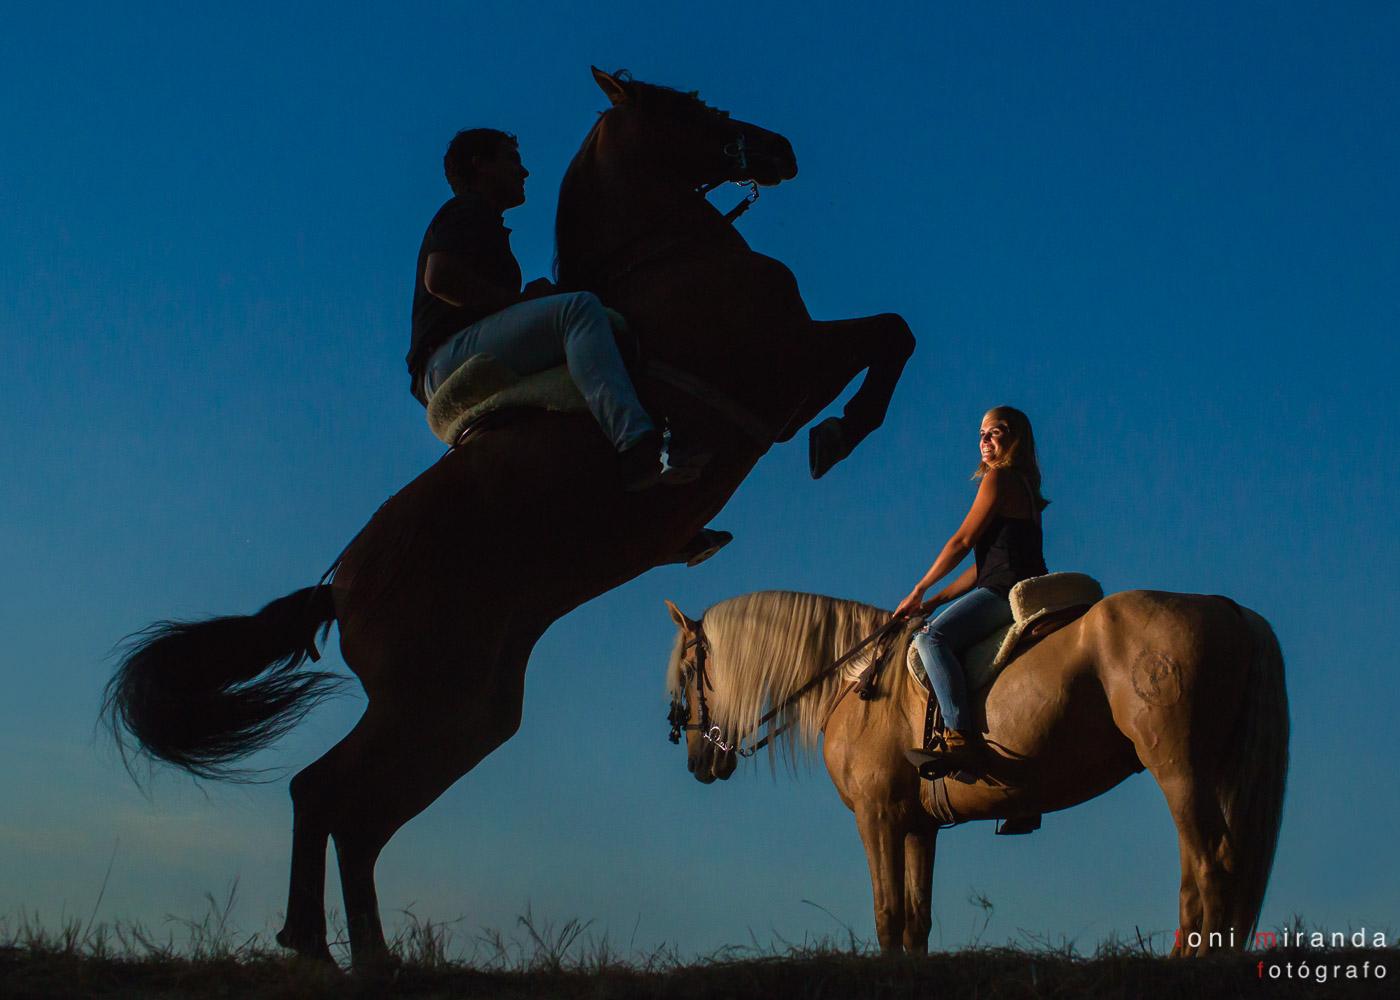 preboda con novios levantando caballo cuadra peluca